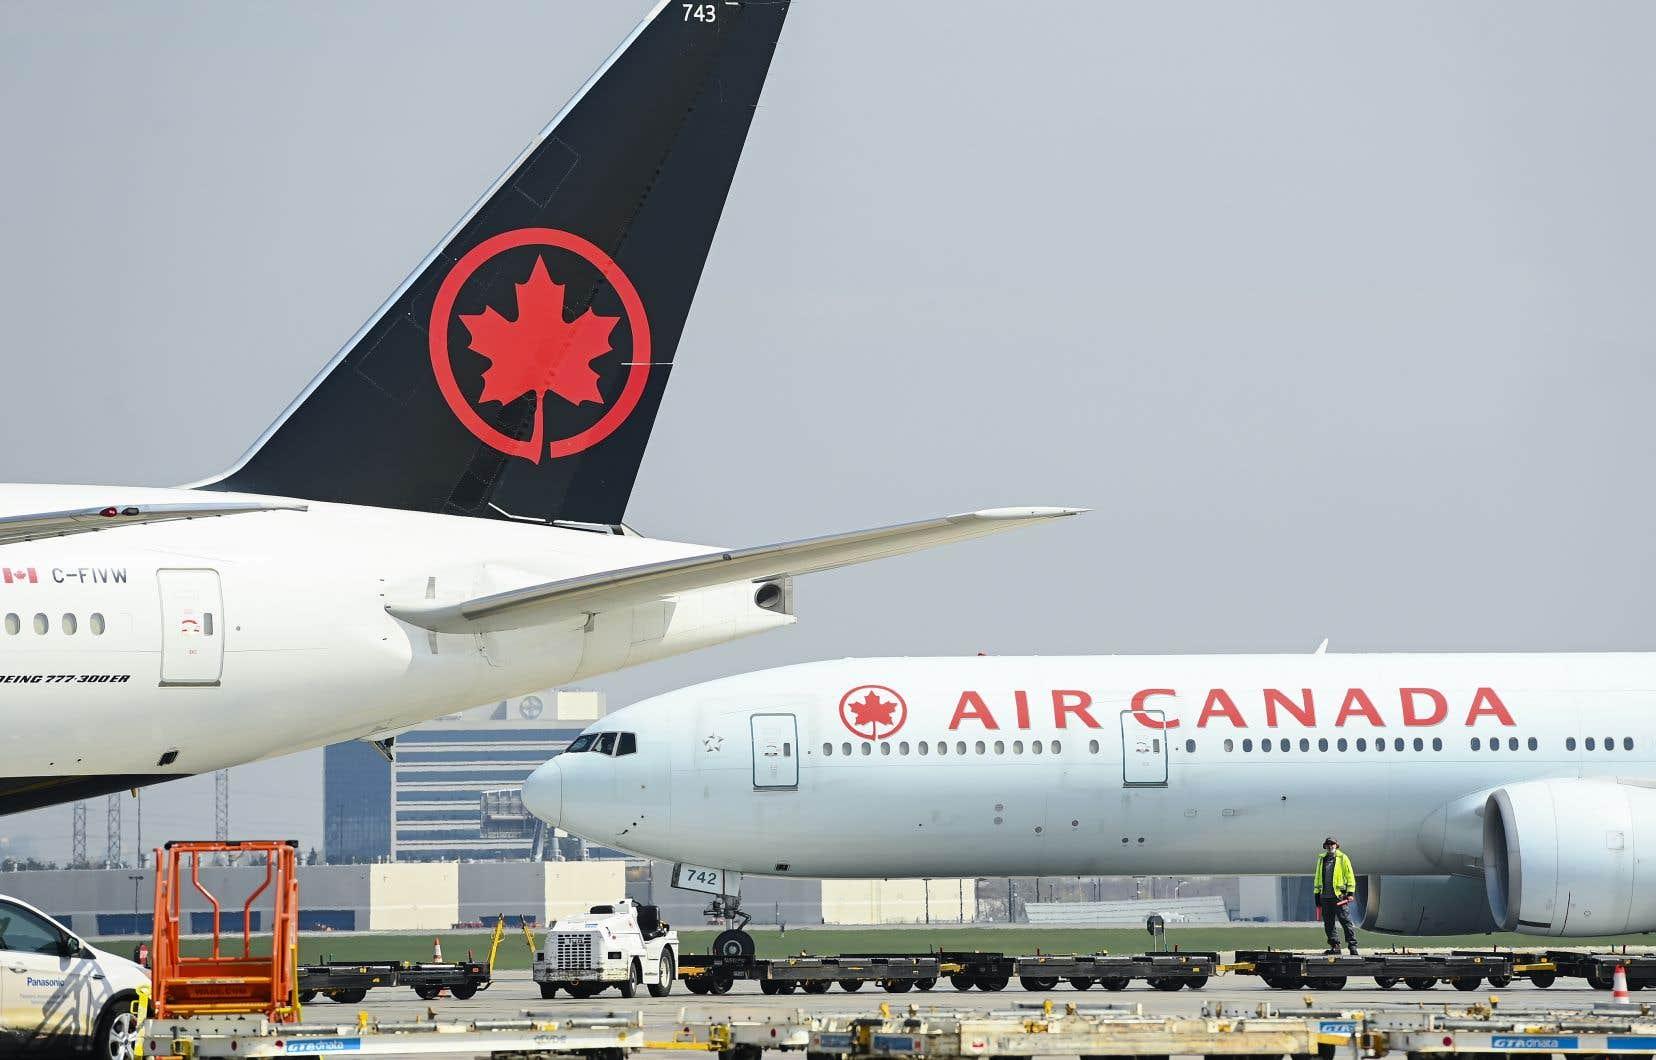 L'agence affirme avoir reçu plus de 6000 plaintes liées au remboursement des billets depuis le 1ermars 2020 et dit qu'elle a informé Air Canada à plusieurs reprises au cours de la dernière année de son opinion que la position de la compagnie aérienne «était sans fondement».